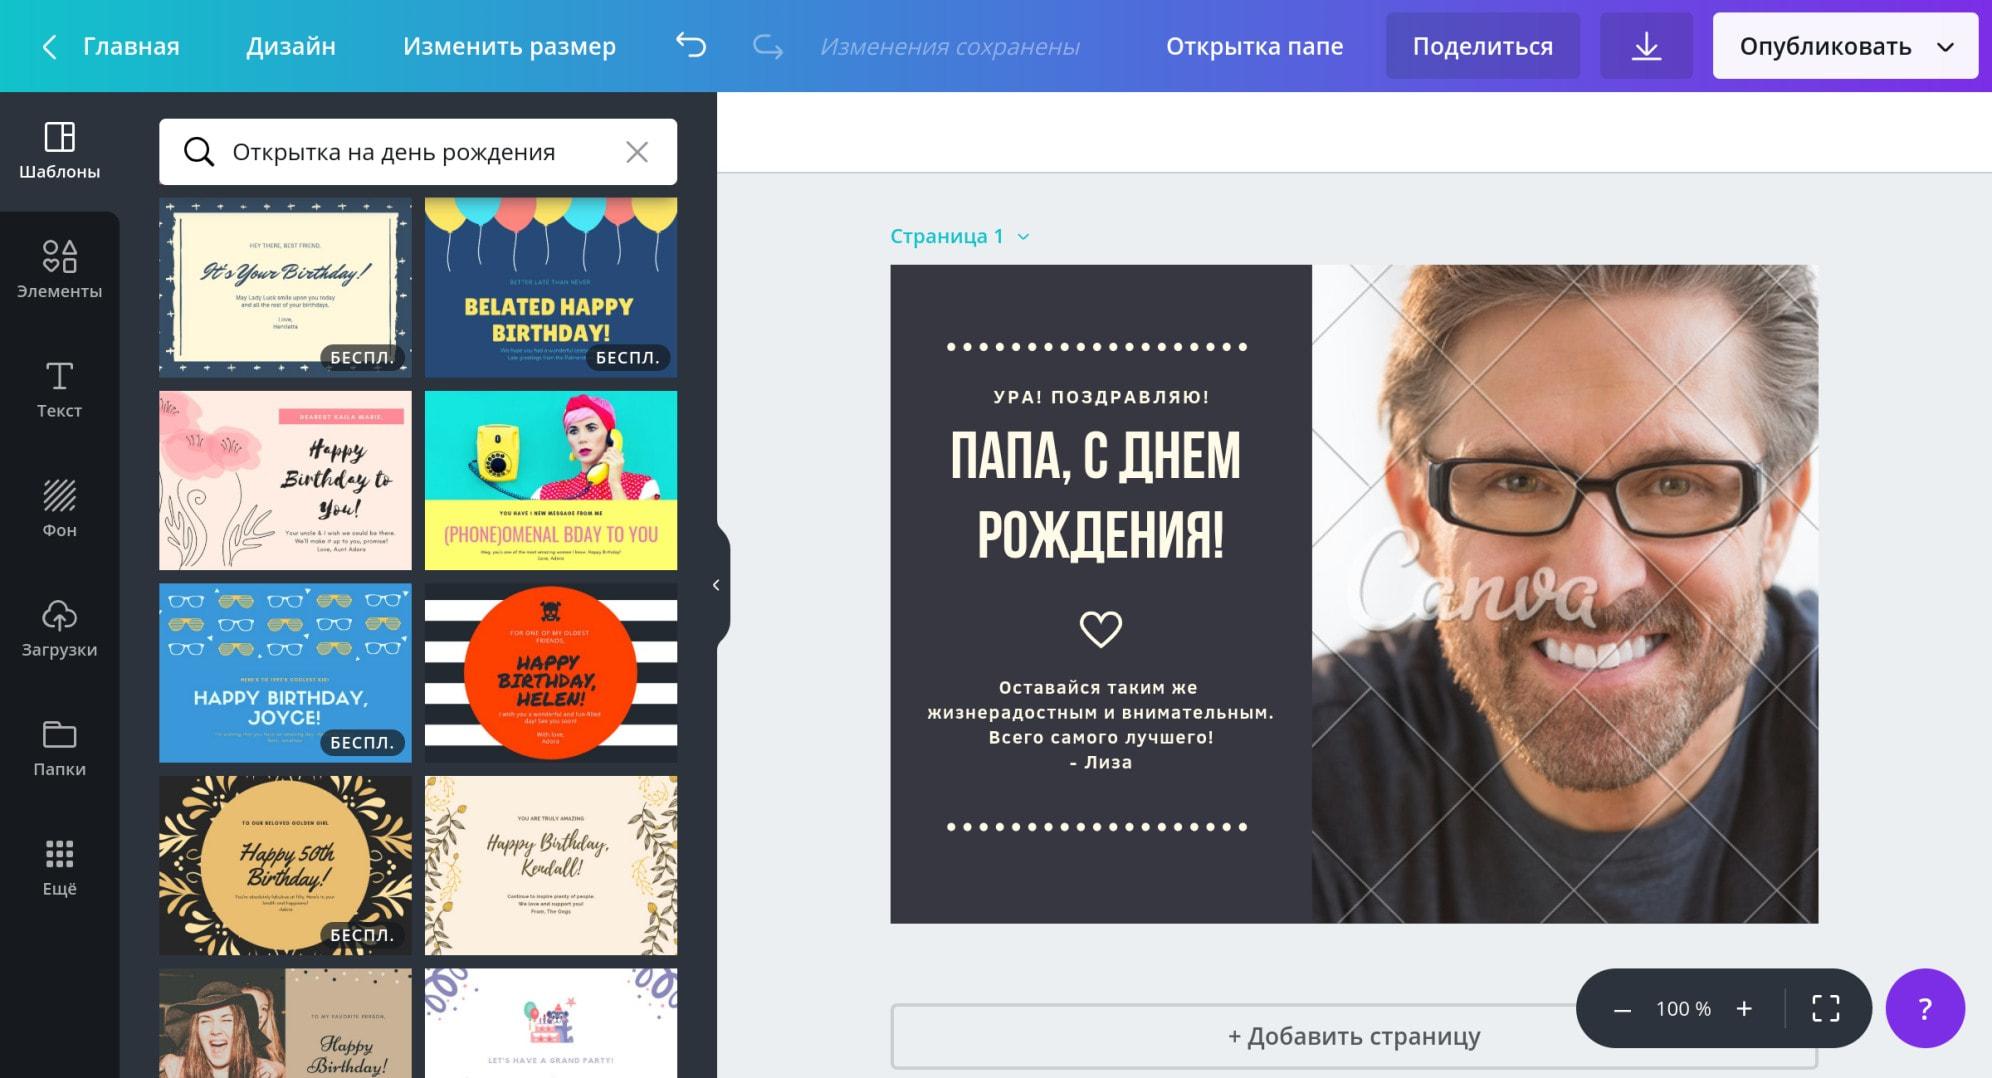 Создание поздравительной открытки для папы на русском языке в Canva